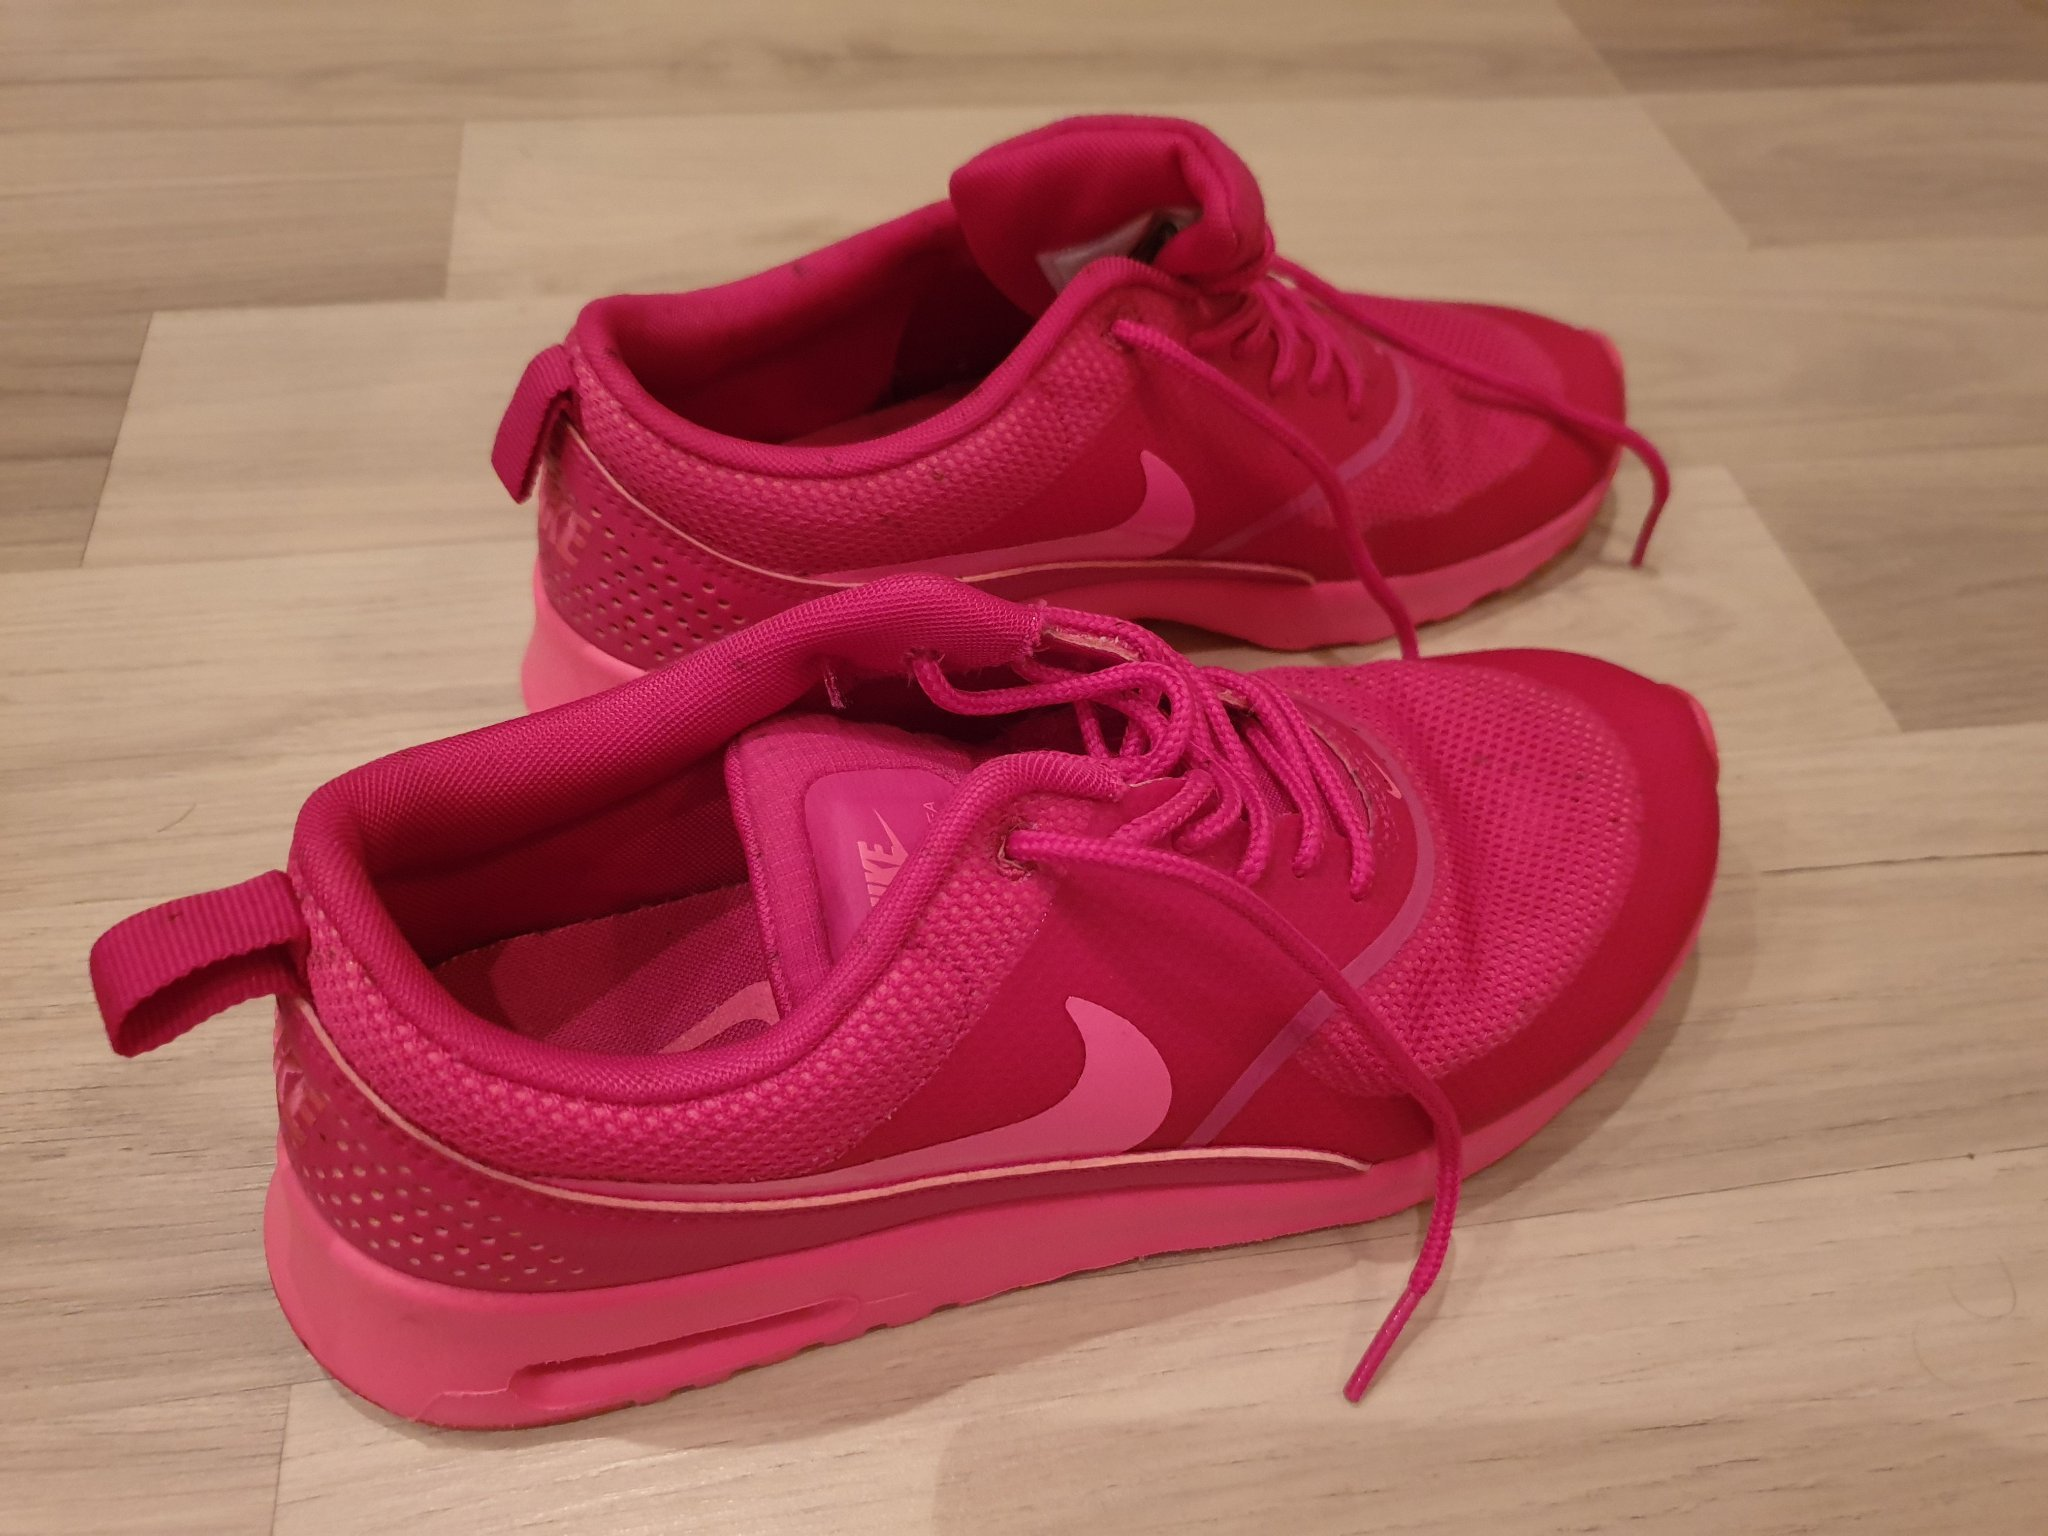 Nike skor stl 39